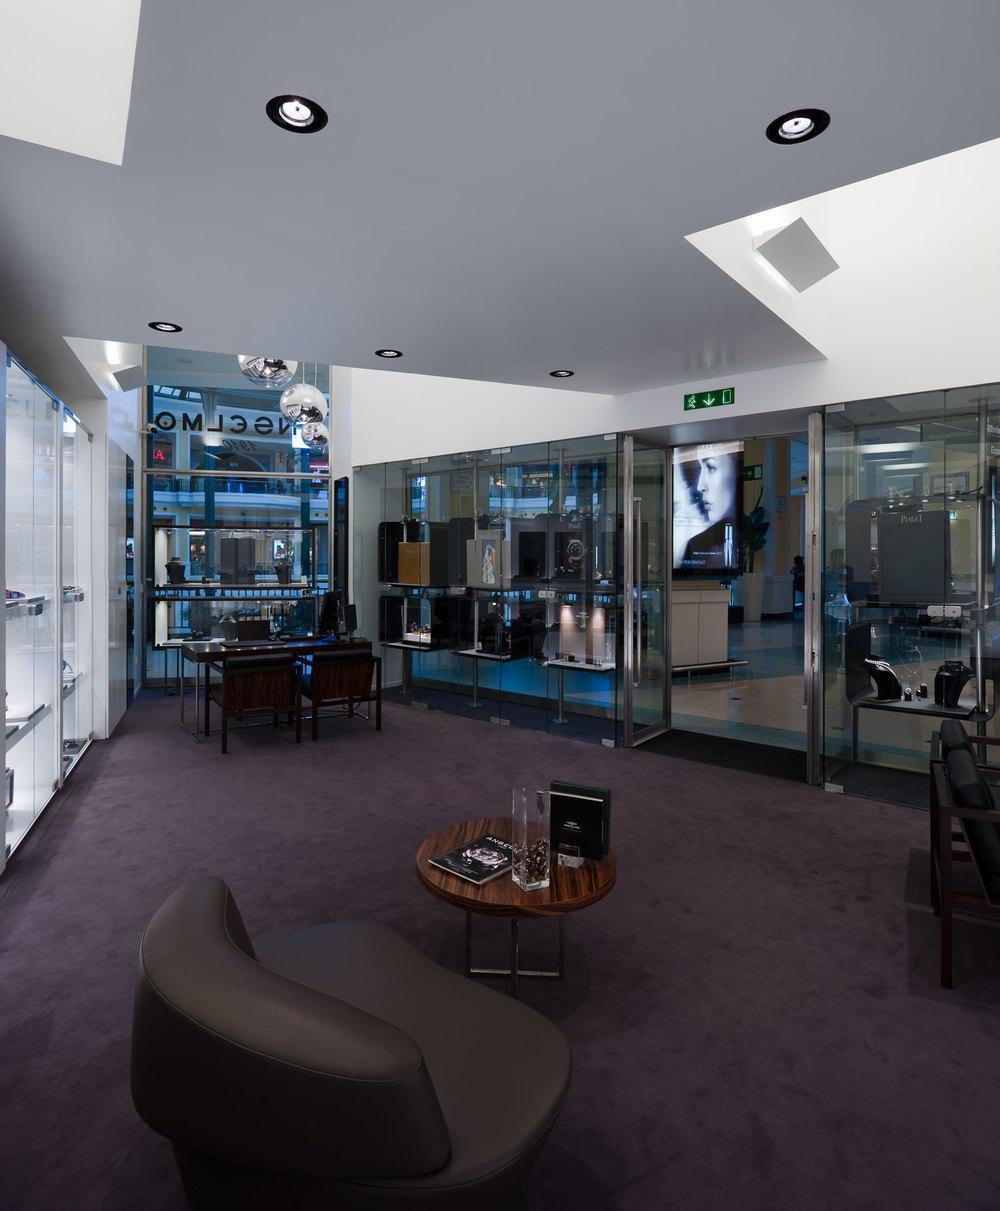 Anselmo 1910 Interior, Retail Design Anselmo 1910, 2010